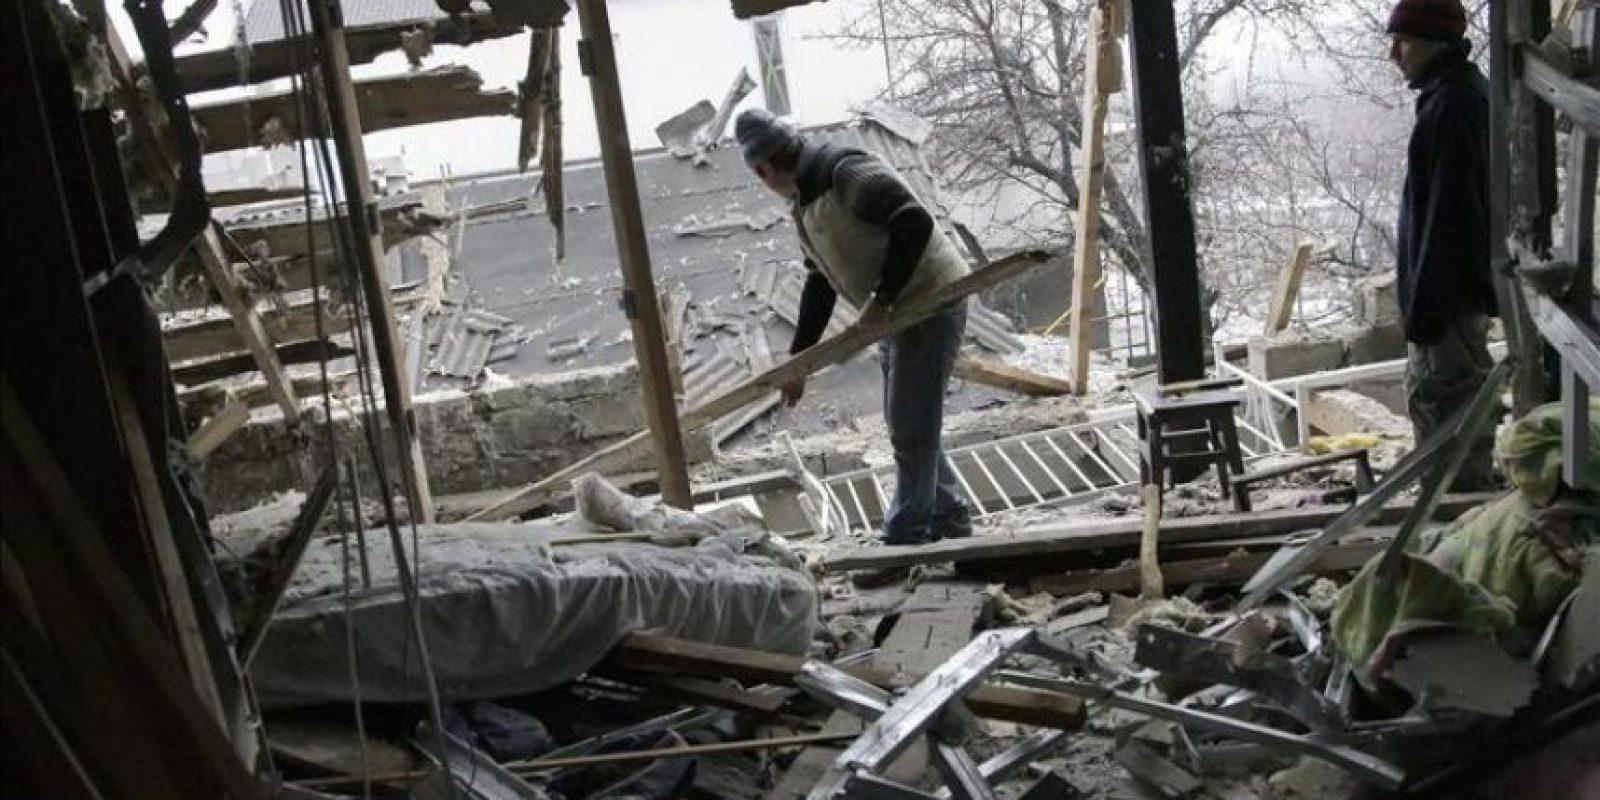 Dos hombres retiran los escombros de su casa causados por los bombardeos en Donetsk, Ucrania hoy 21 de enero de 2015. EFE